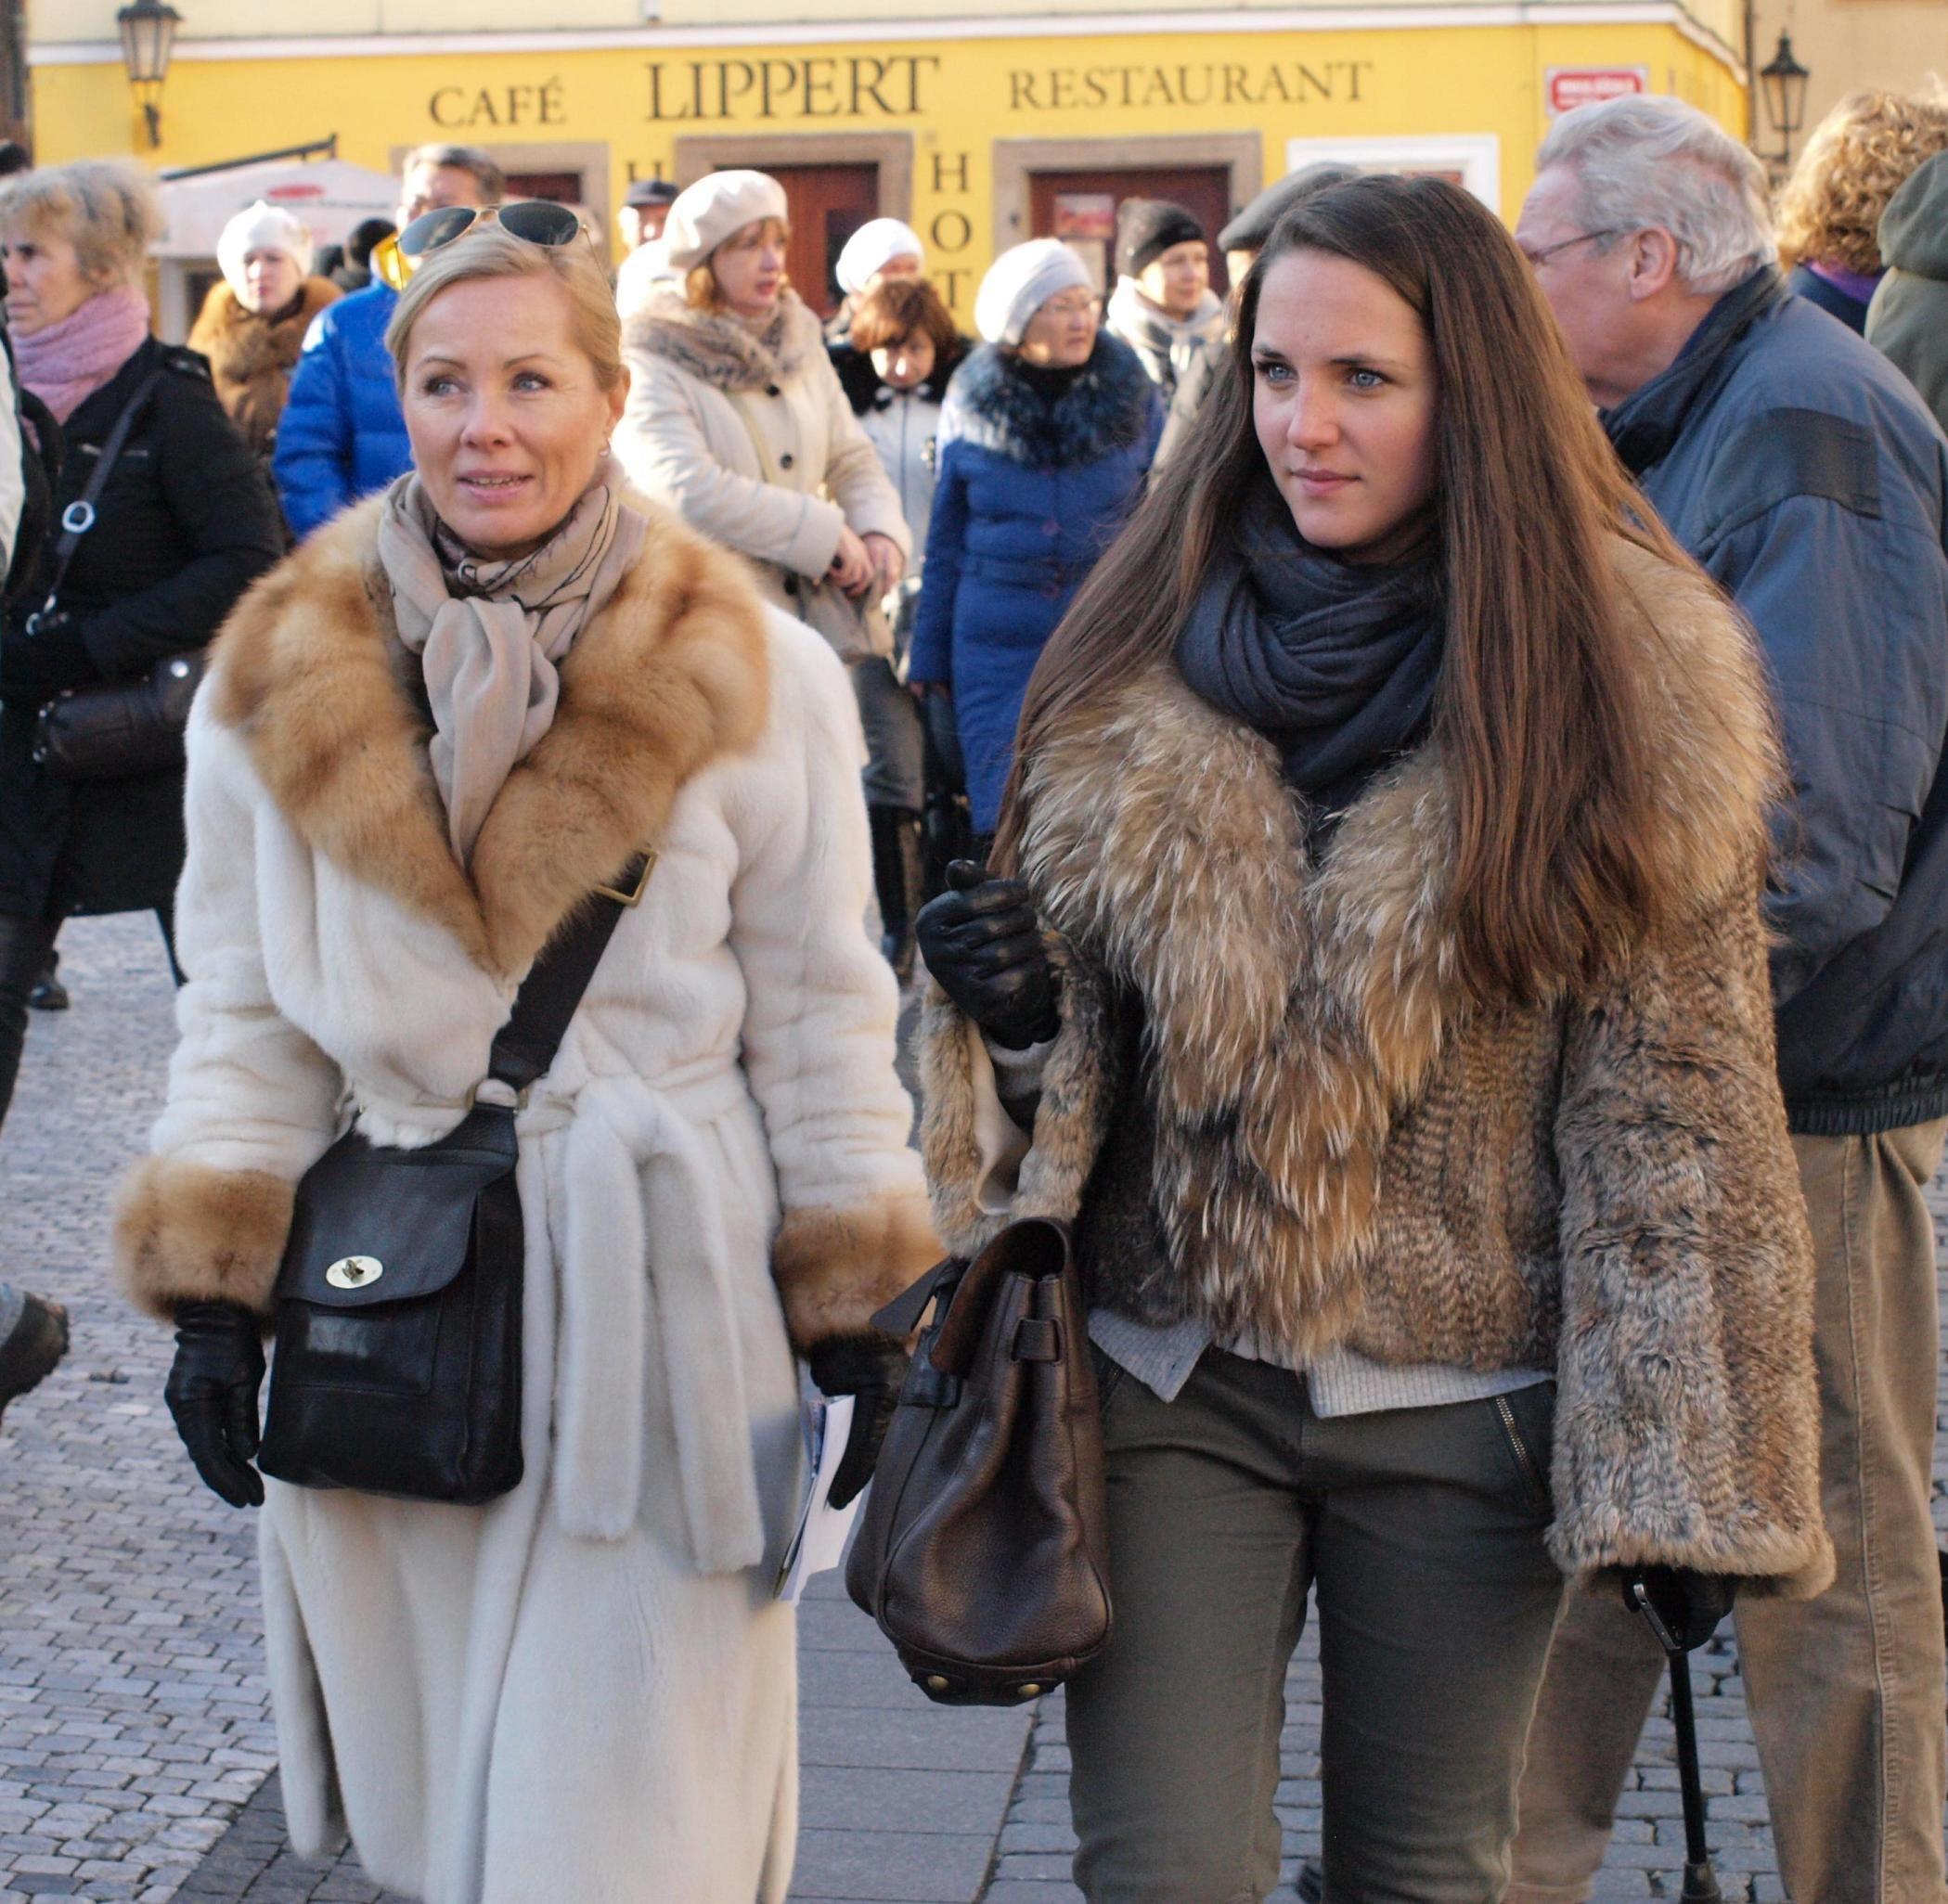 Fur coat fetish gallery nice see